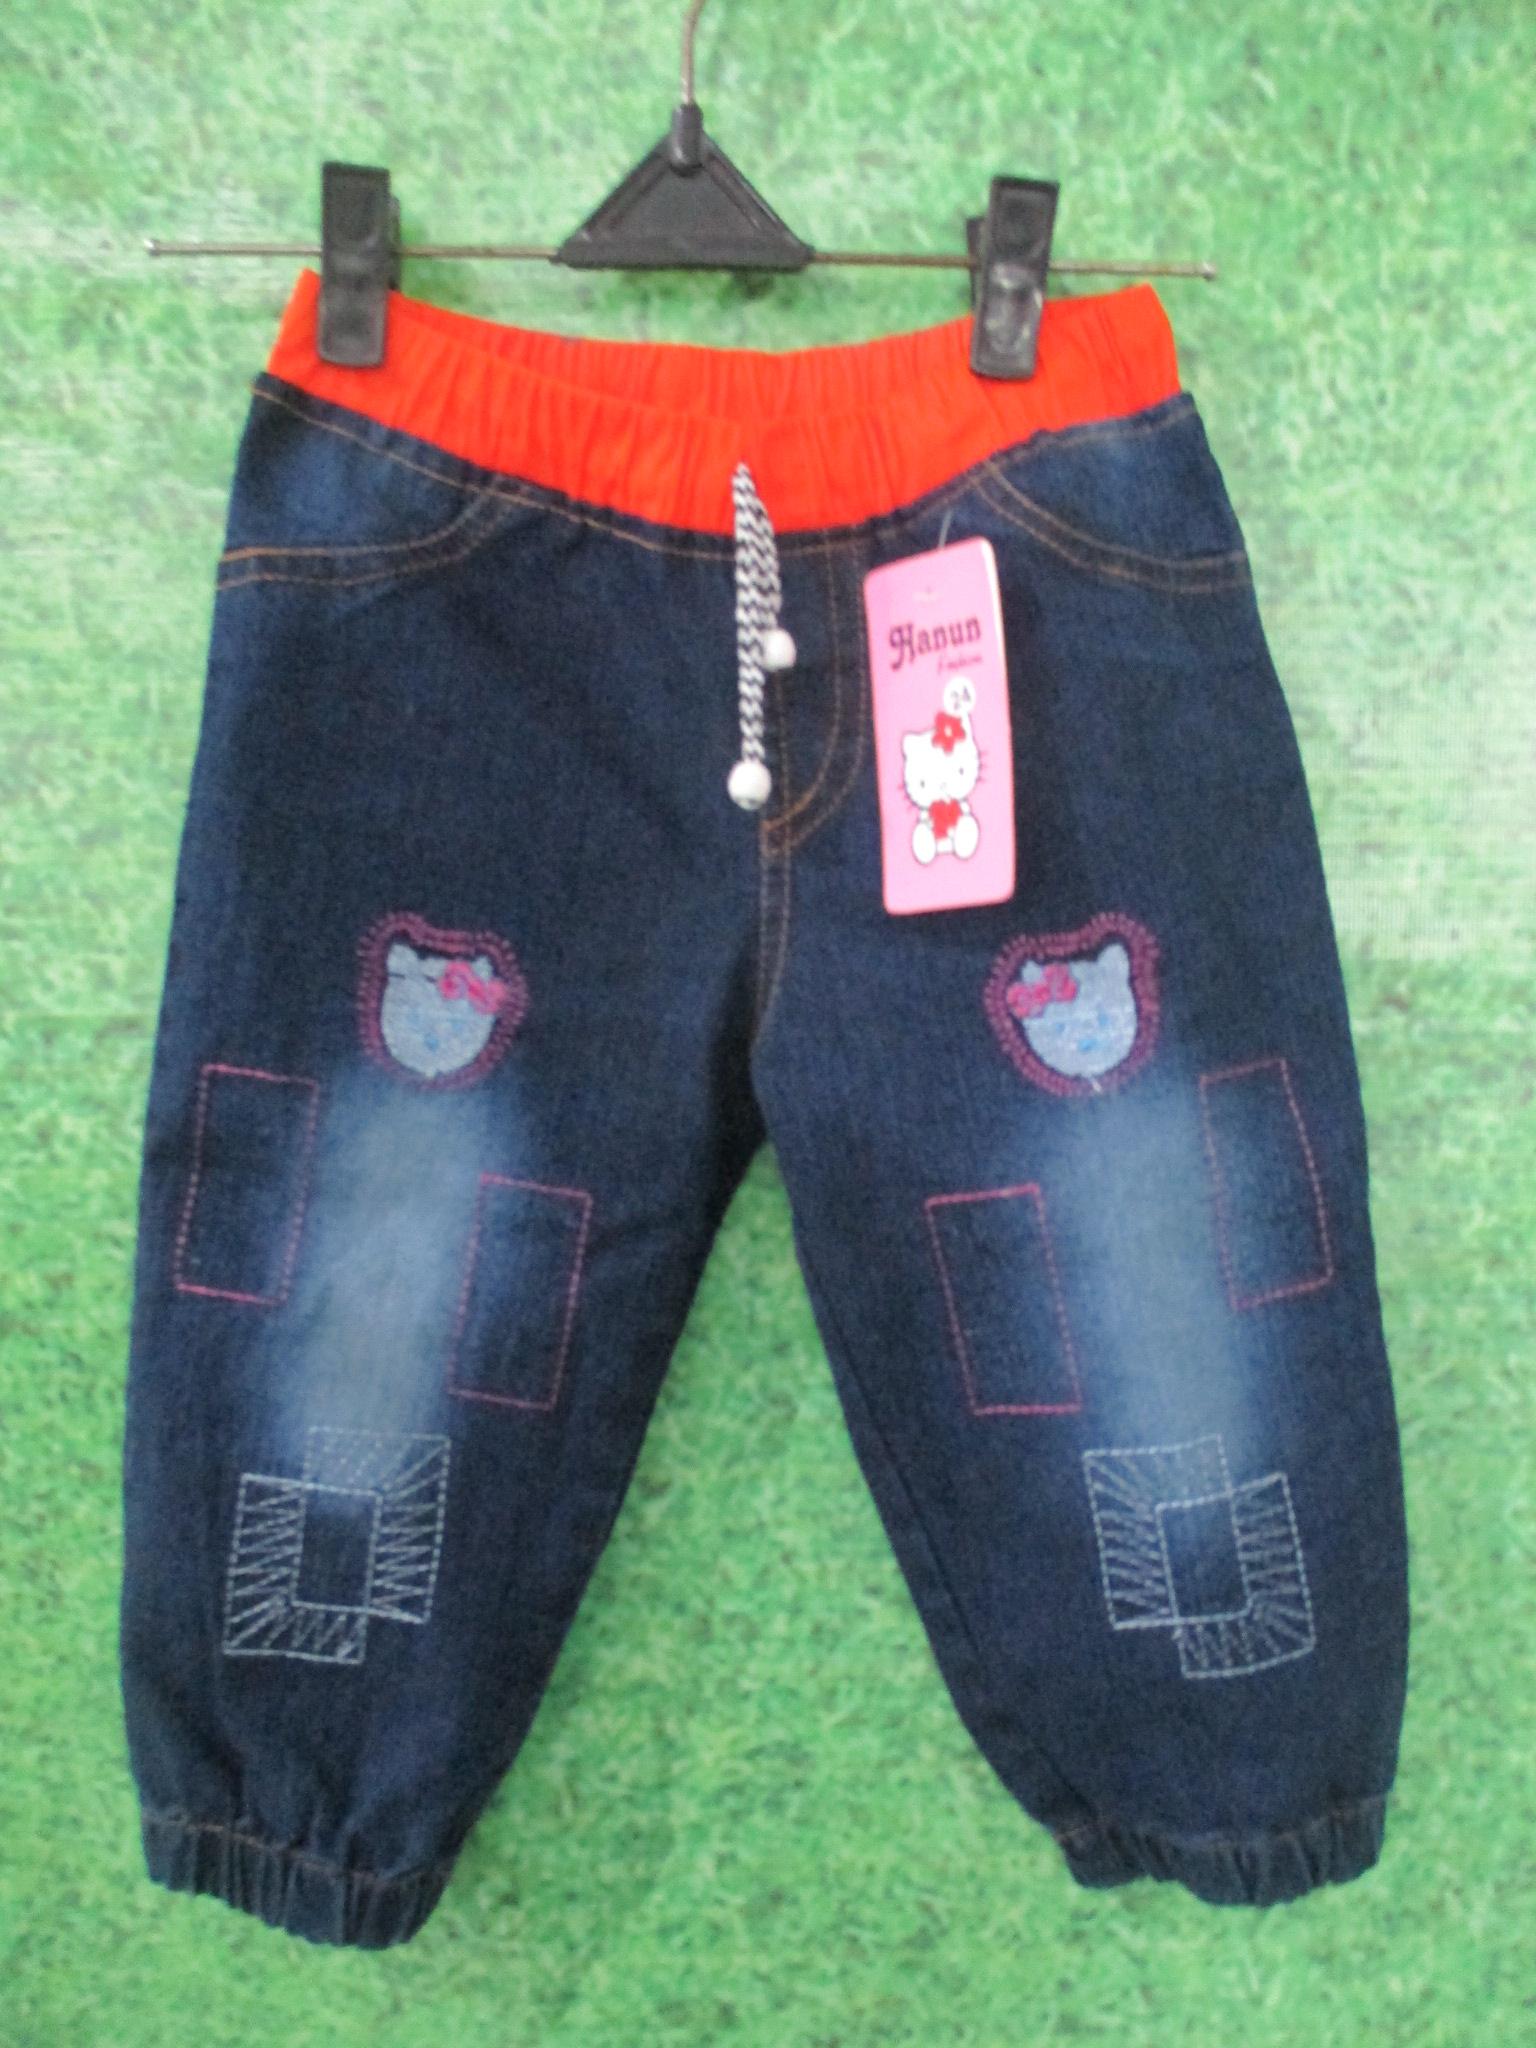 ObralanBaju.com Jogger Jeans Anak